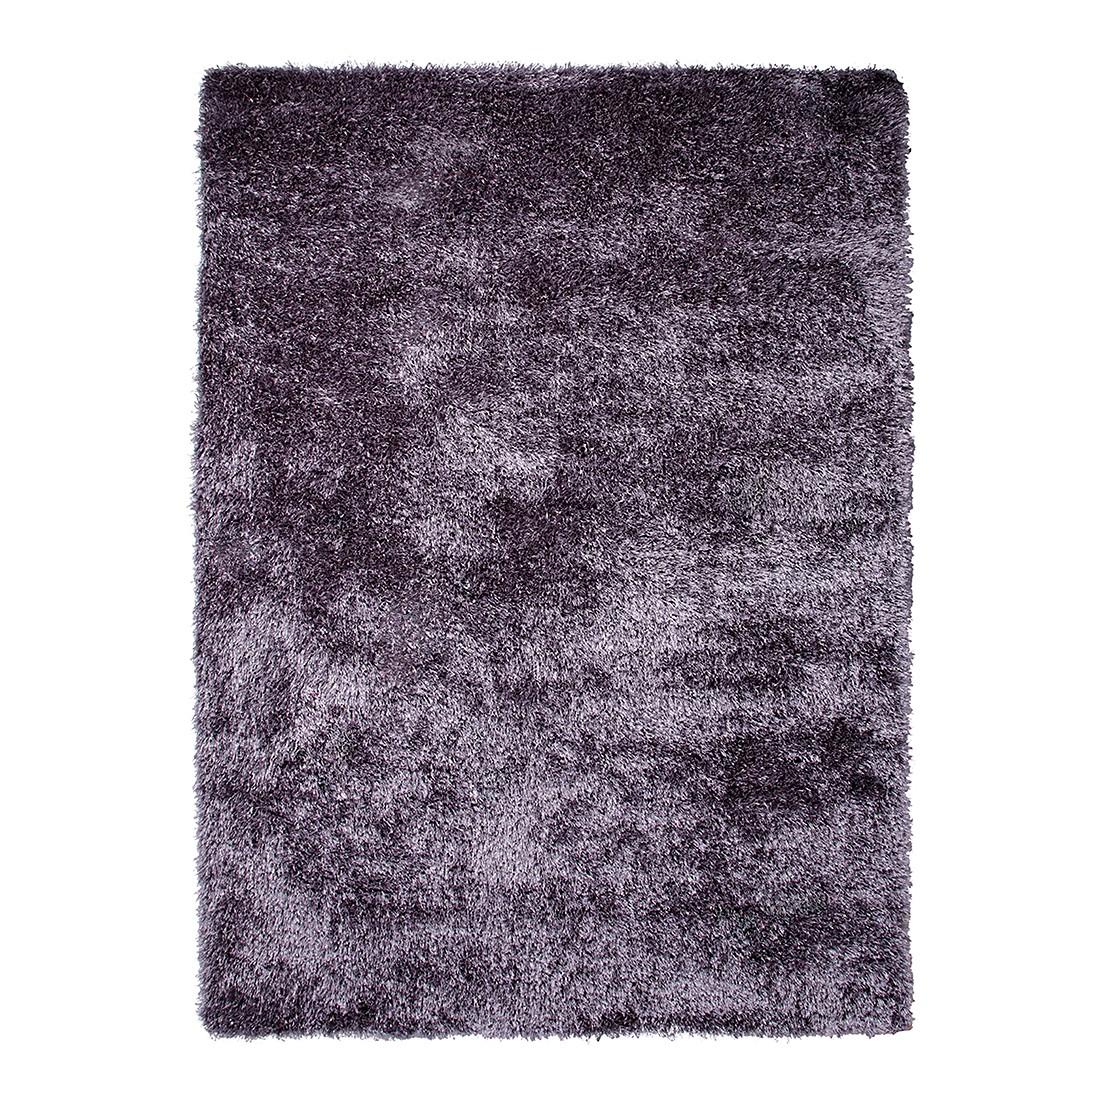 Teppich New Glamour – Grau – 200 cm x 300 cm, Esprit Home günstig kaufen